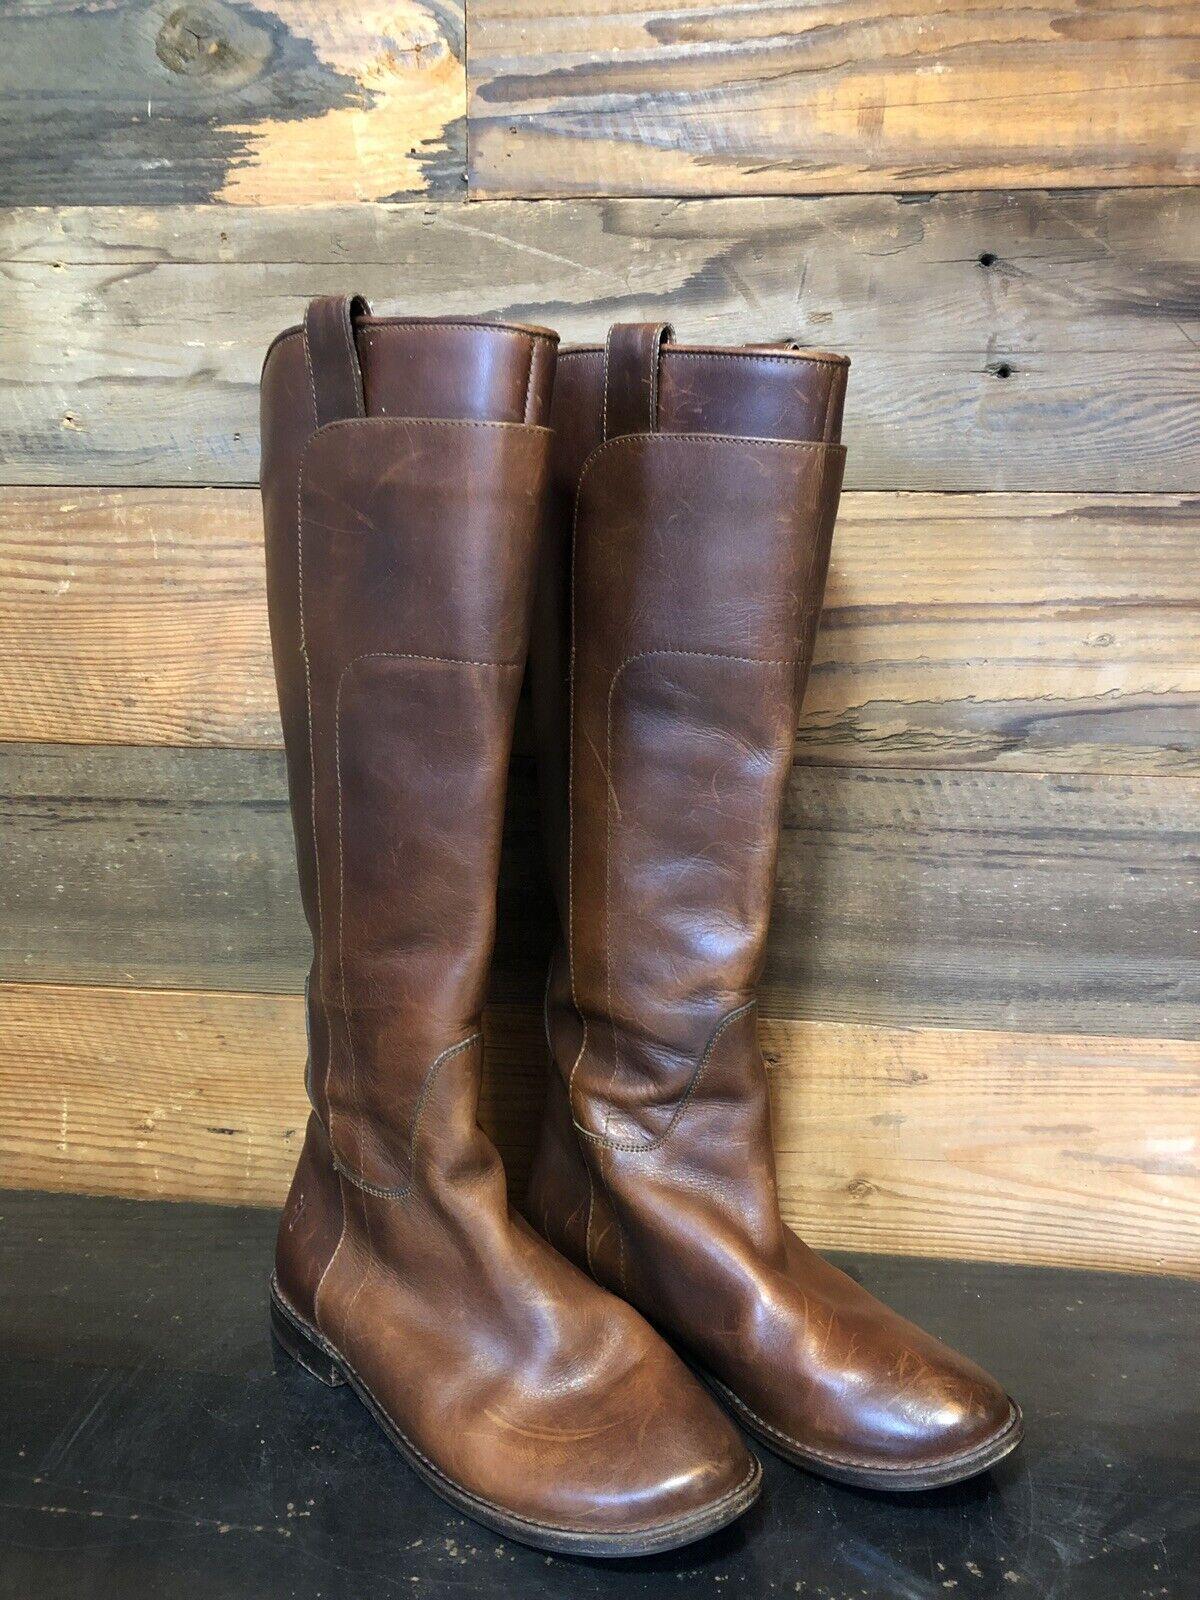 Frye Paige para Mujer 77535 5.5 B Alto Marrón Cuero Equitación botas Hasta La Rodilla